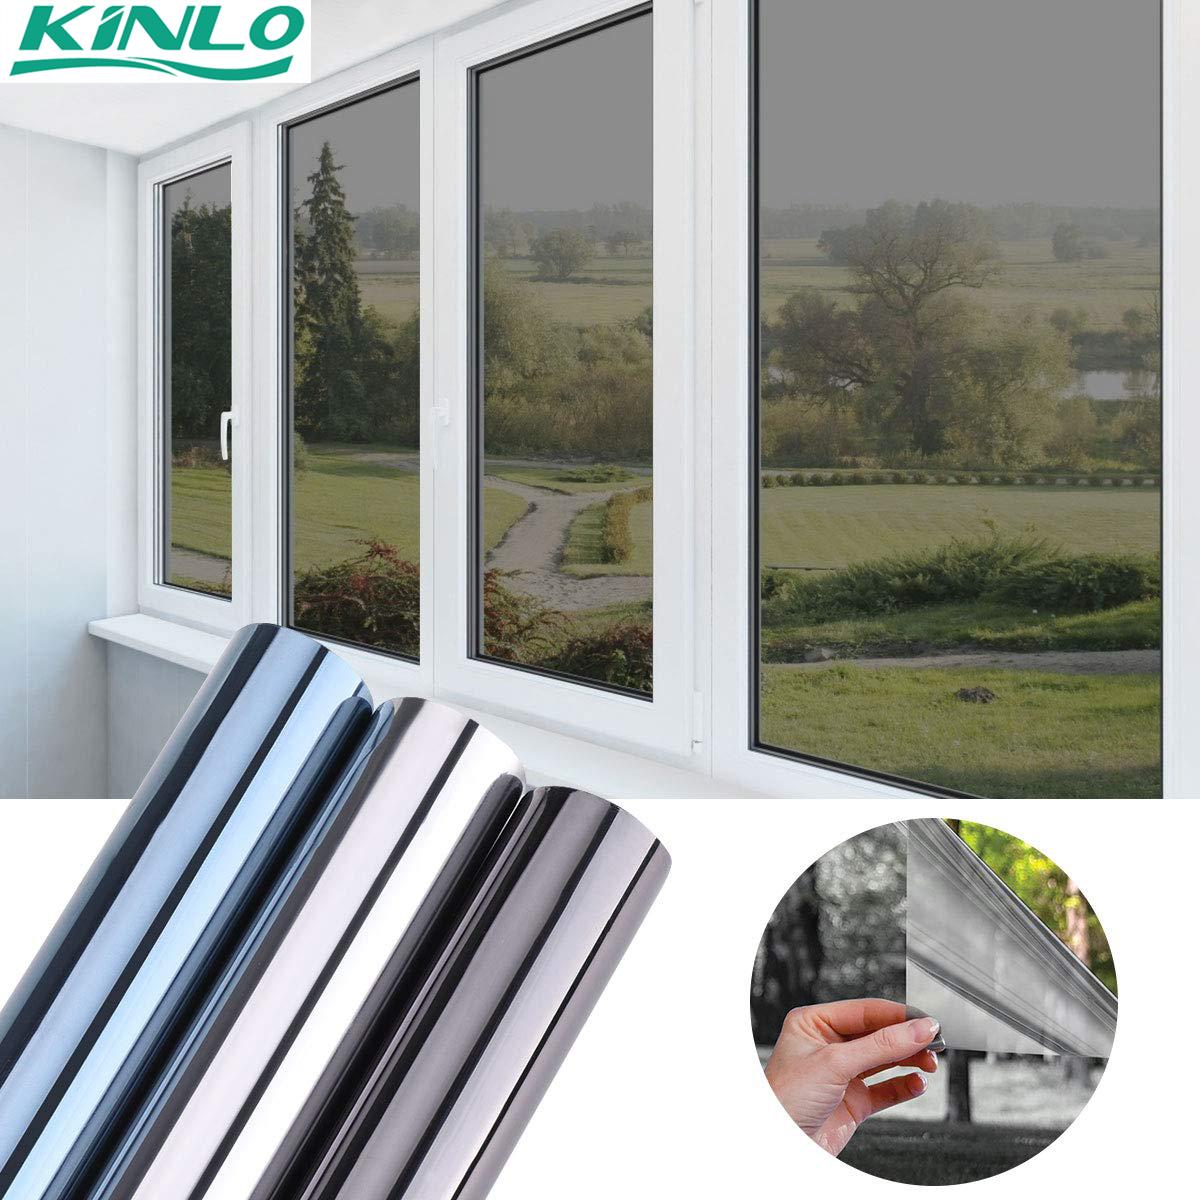 300x75cm Spiegelfolie Sonnenschutzfolie Ohne Kleber Fensterfolie